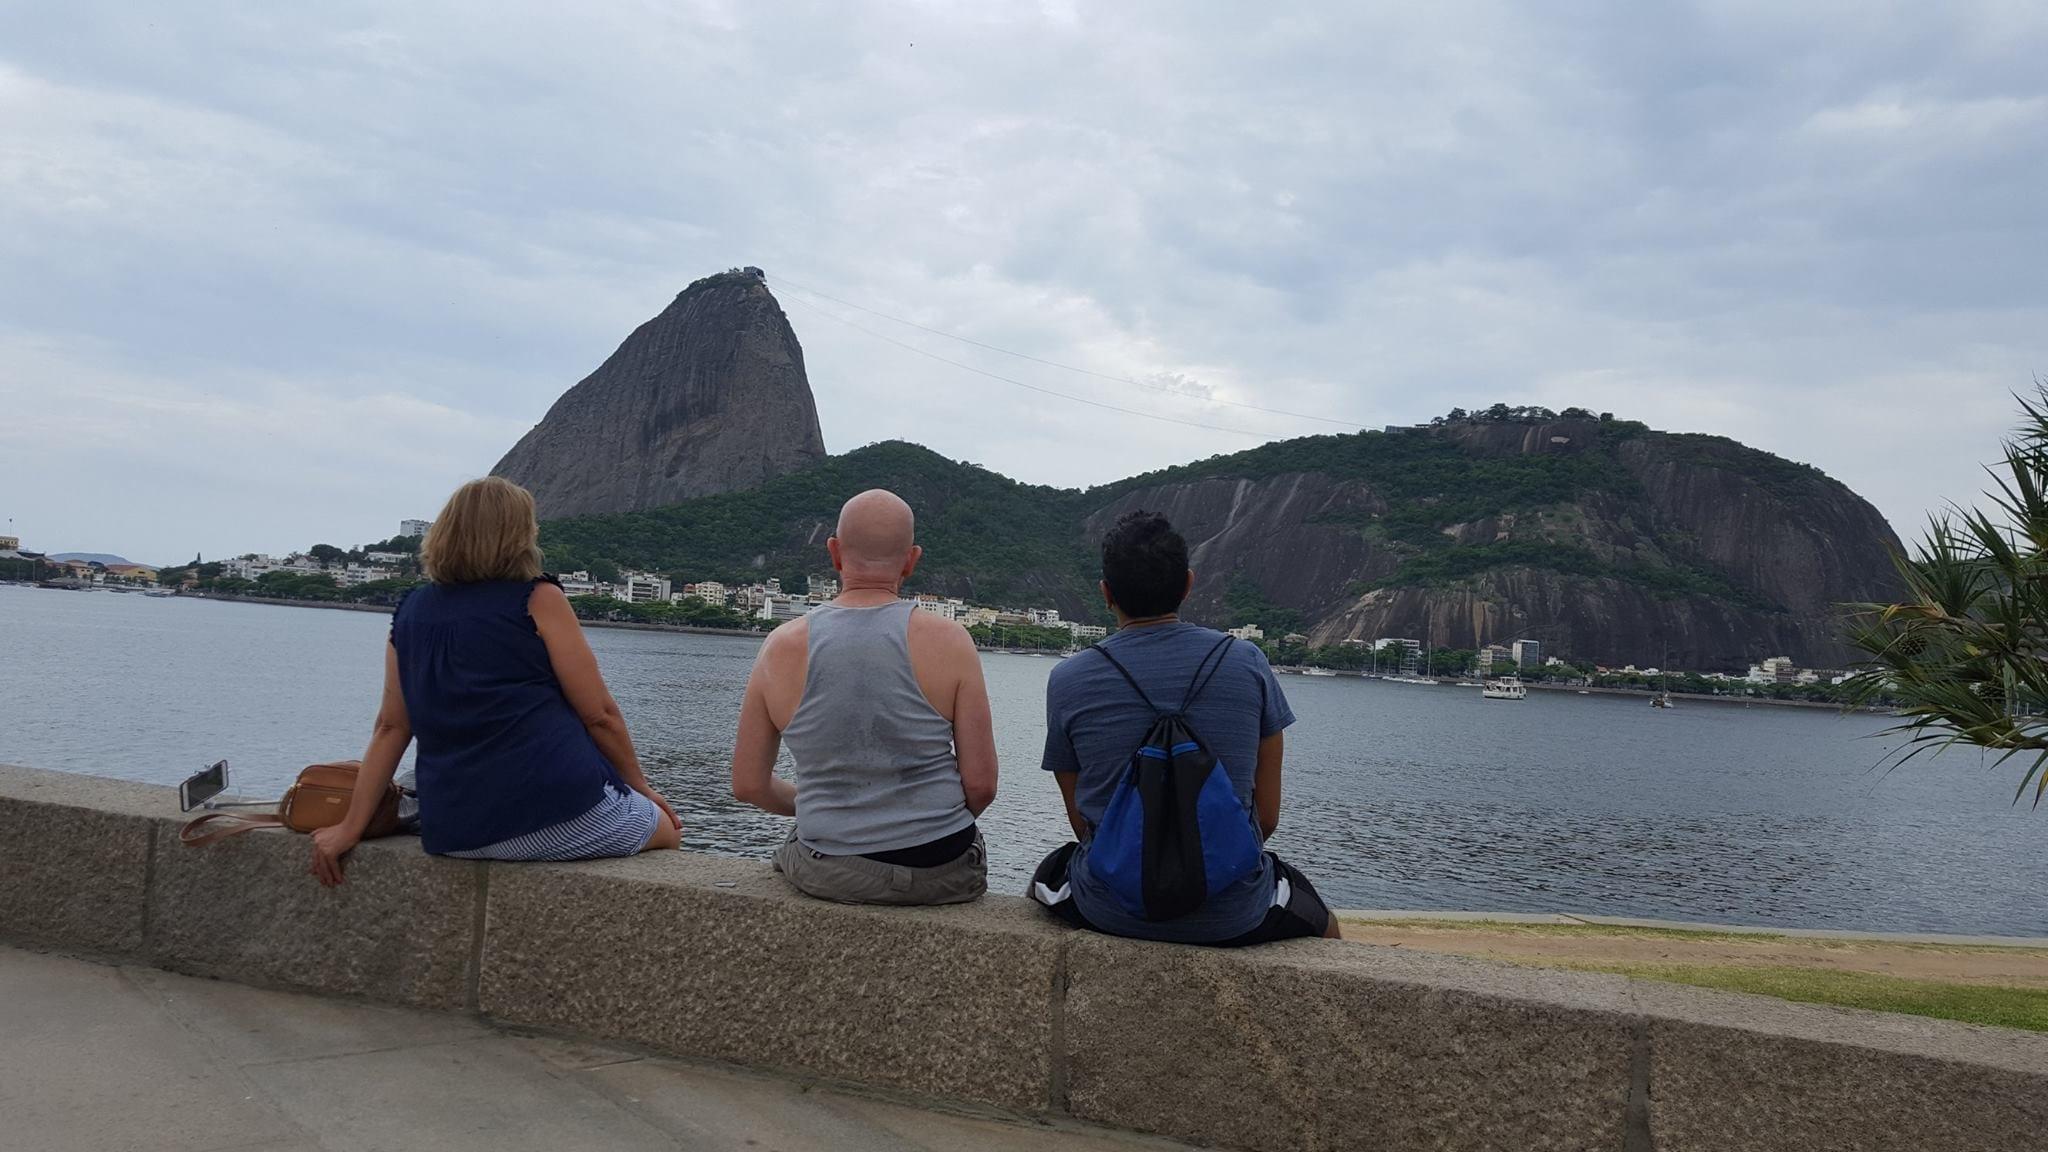 Vista del Pan de Azúcar desde la playa de Botafogo.